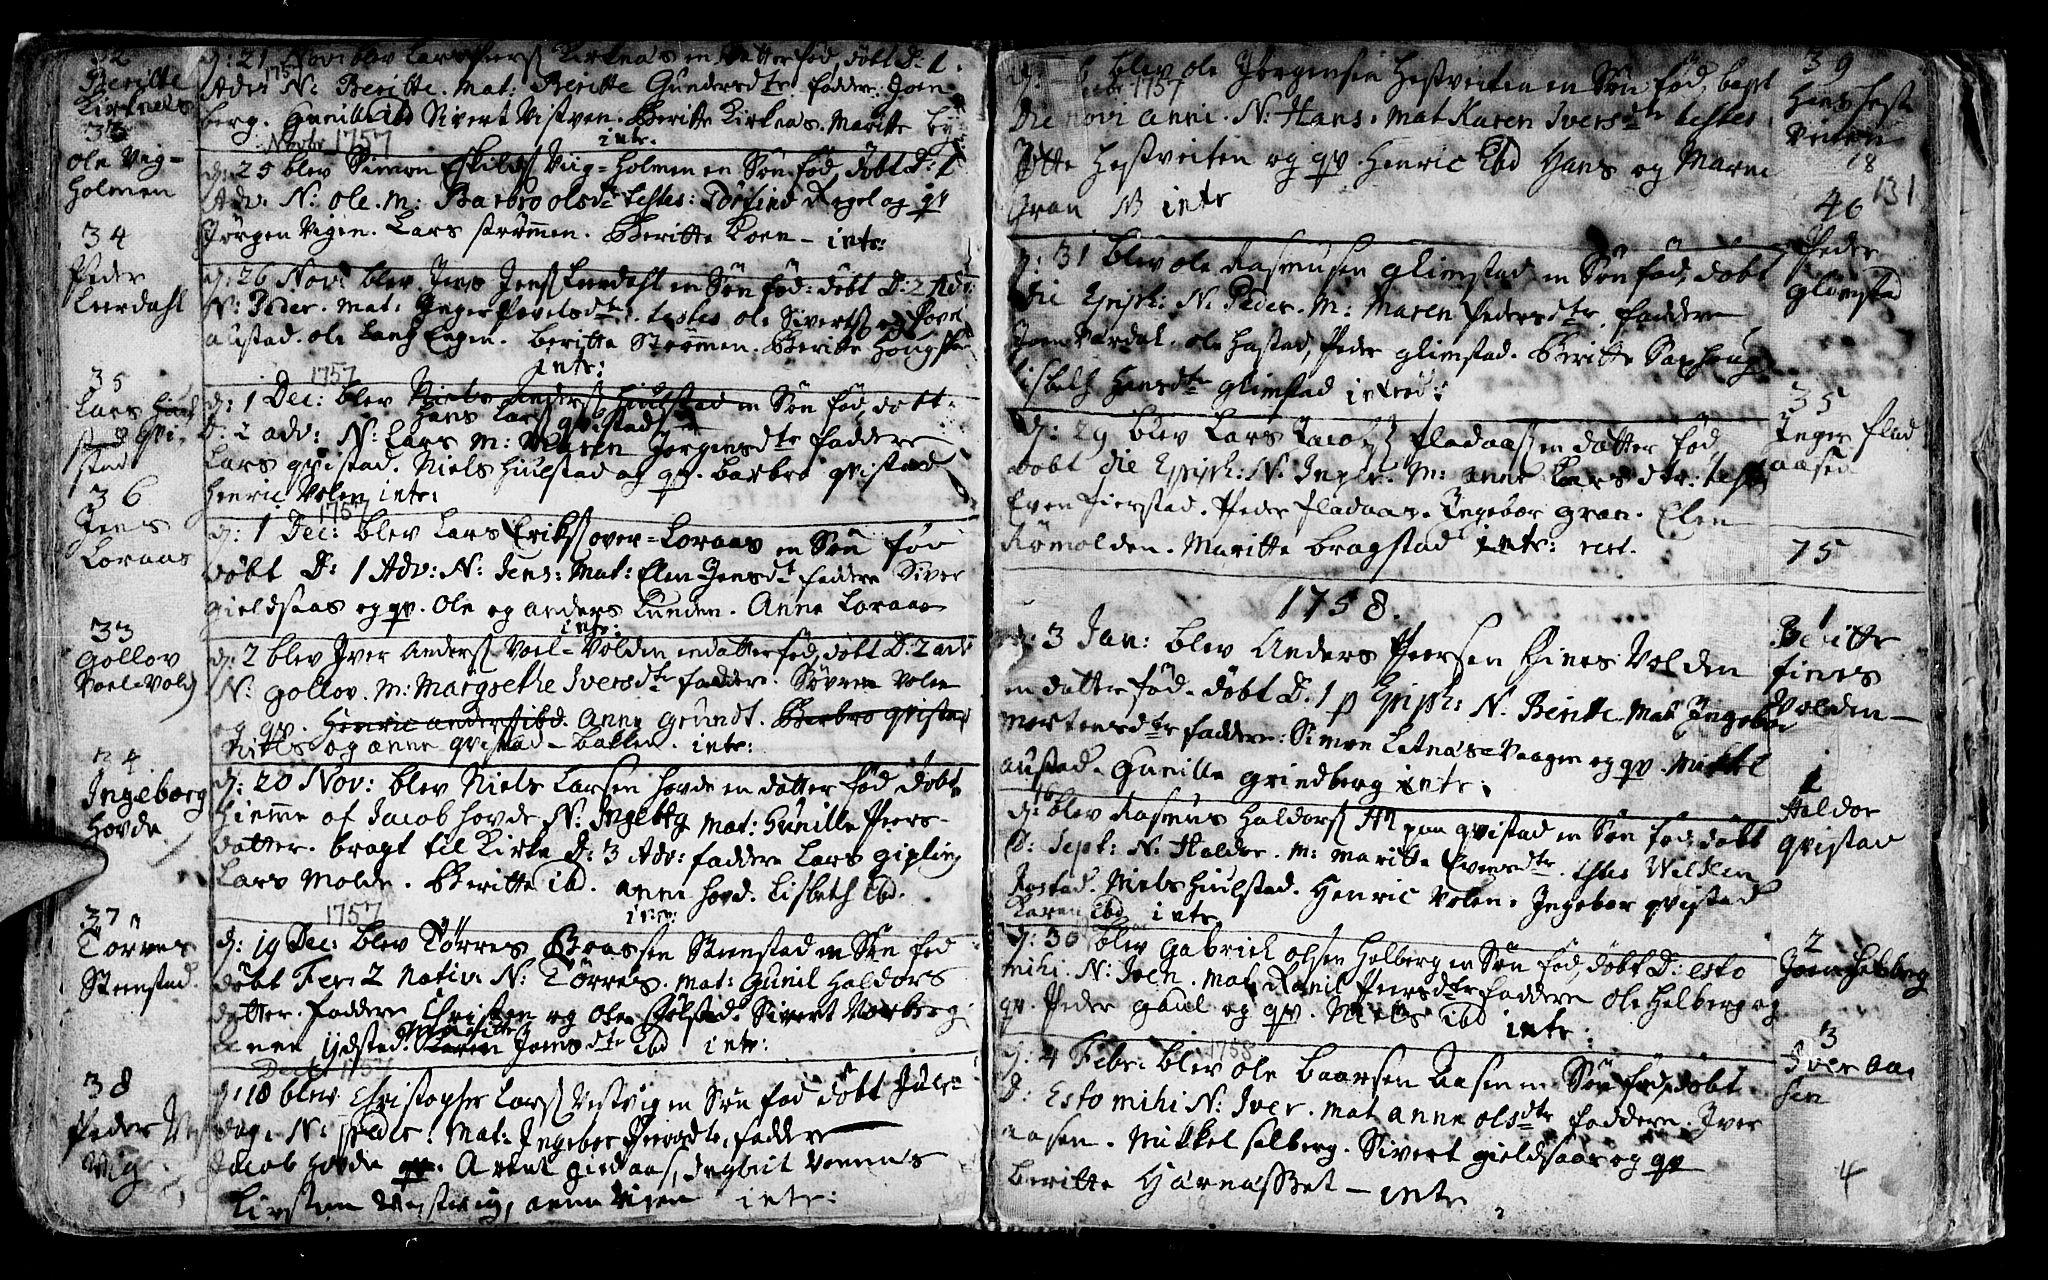 SAT, Ministerialprotokoller, klokkerbøker og fødselsregistre - Nord-Trøndelag, 730/L0272: Ministerialbok nr. 730A01, 1733-1764, s. 131